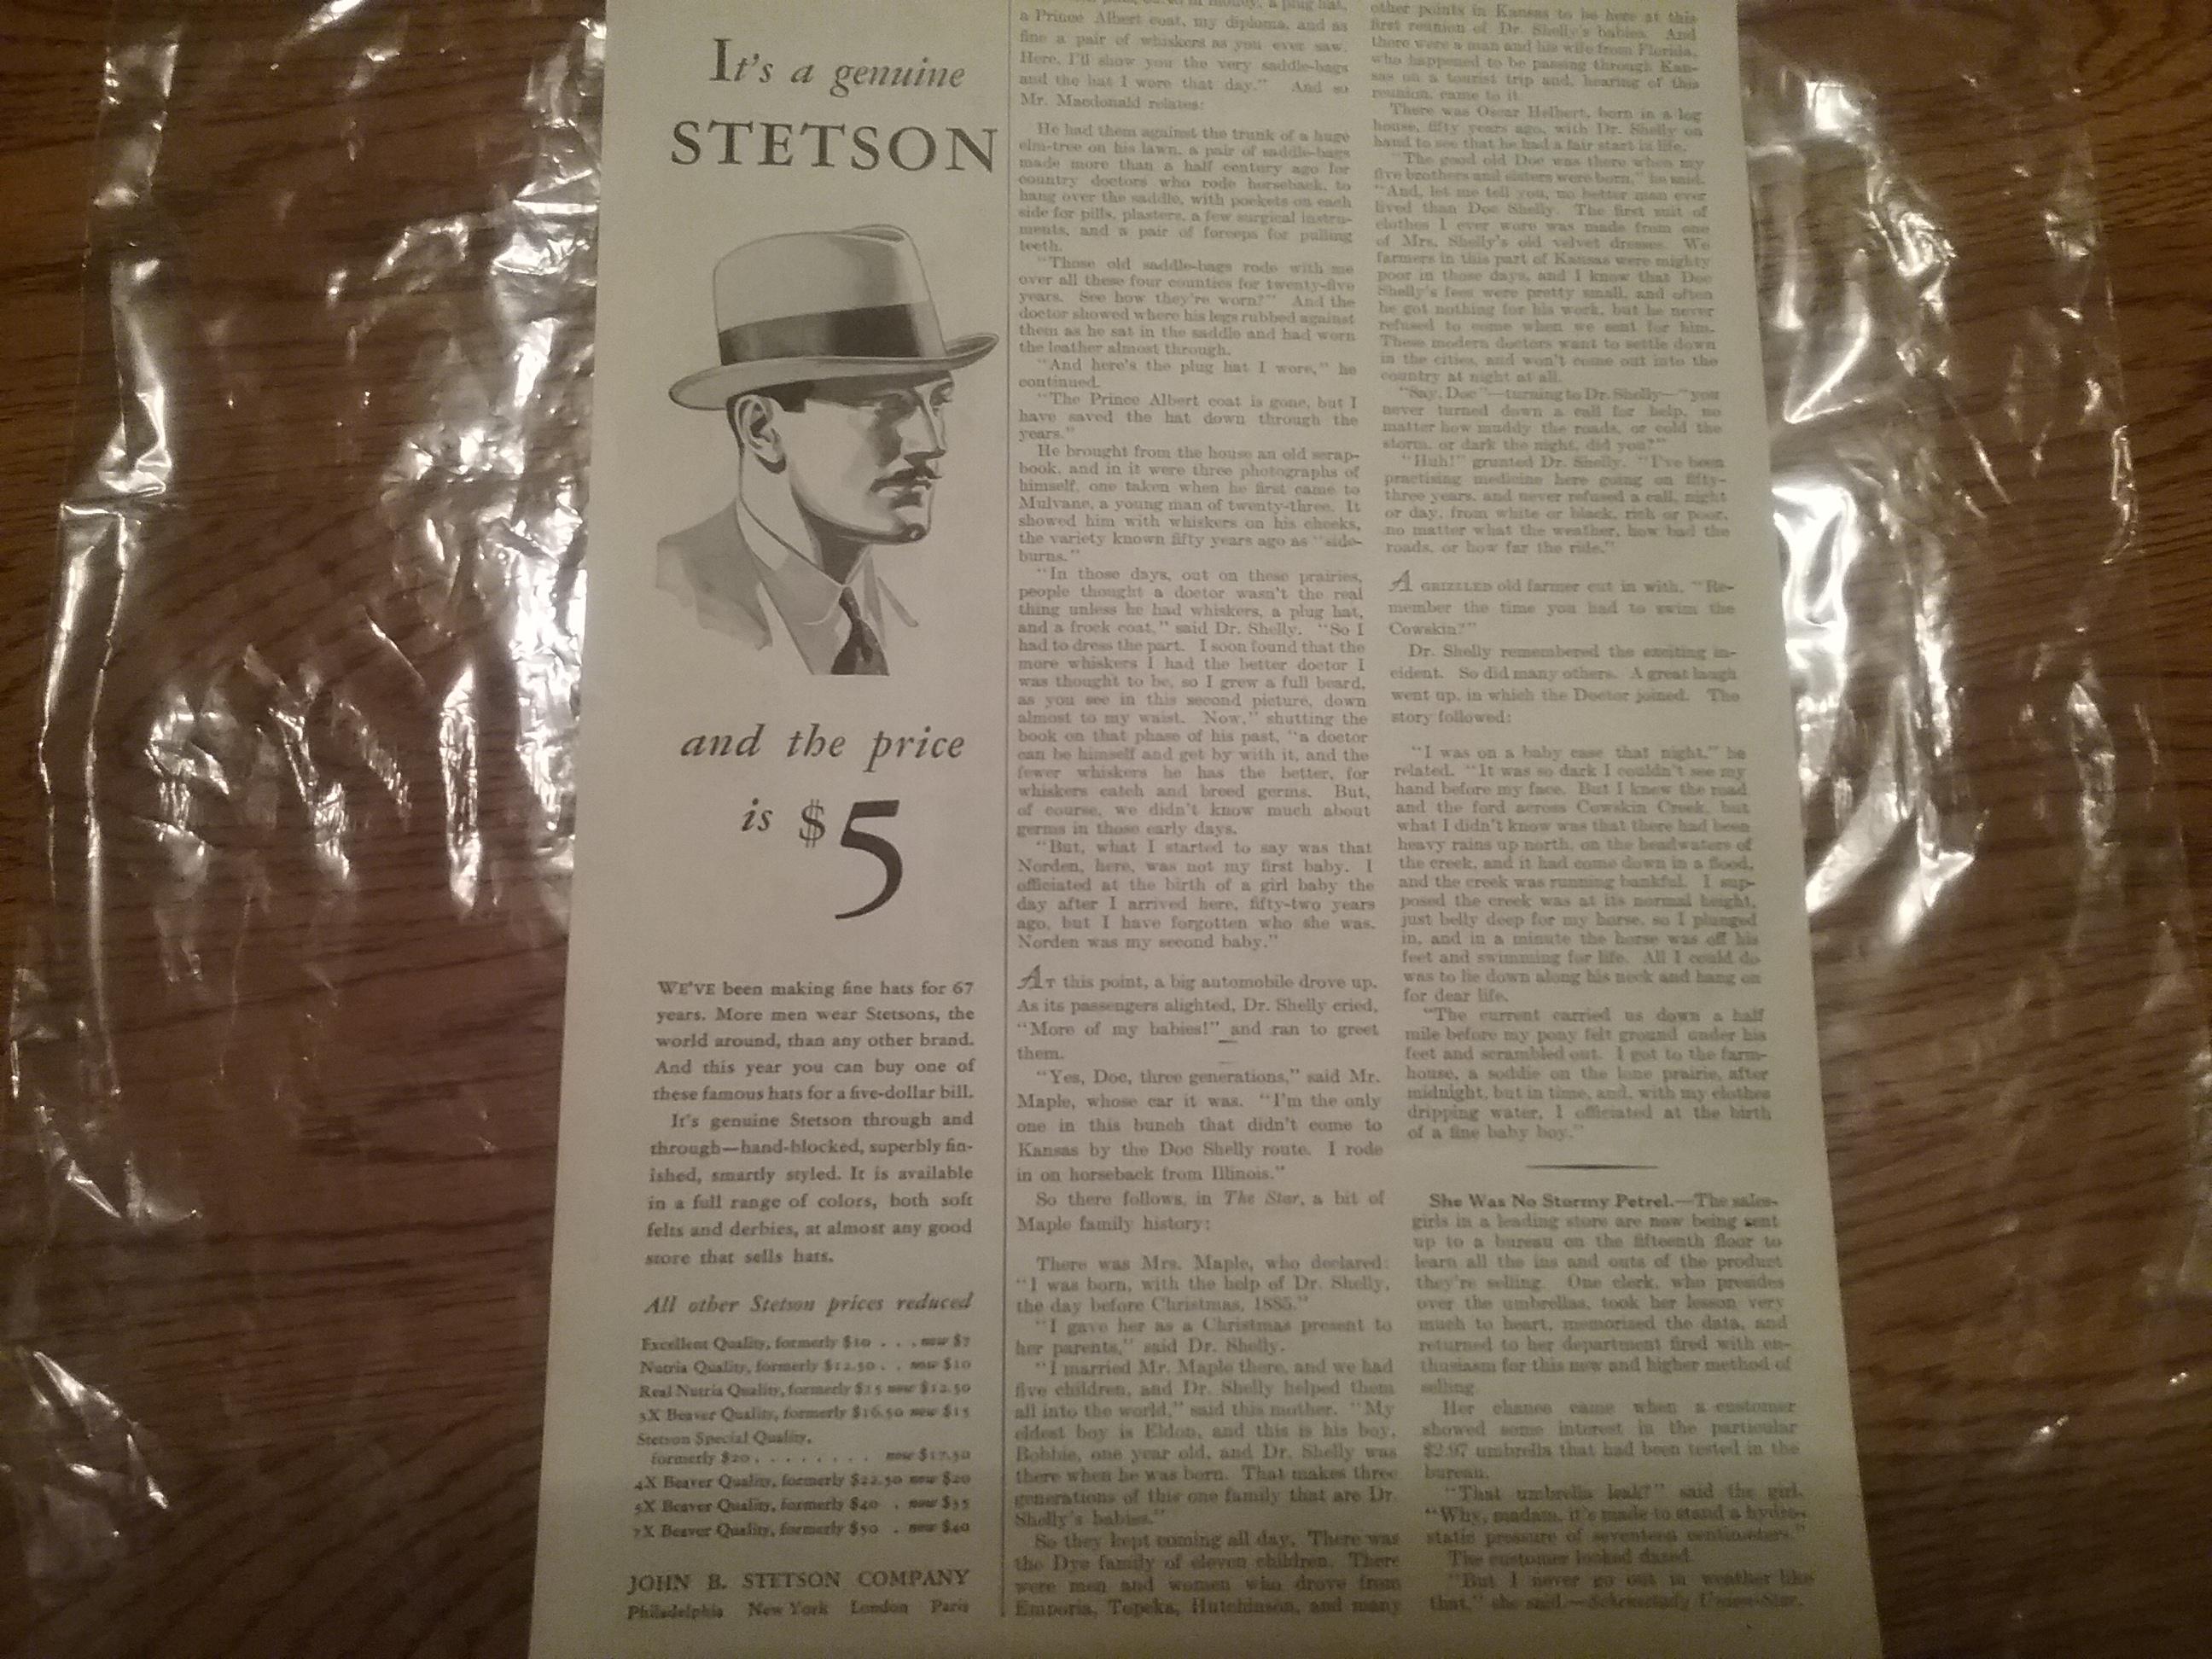 1932 Stetson Prices.jpg